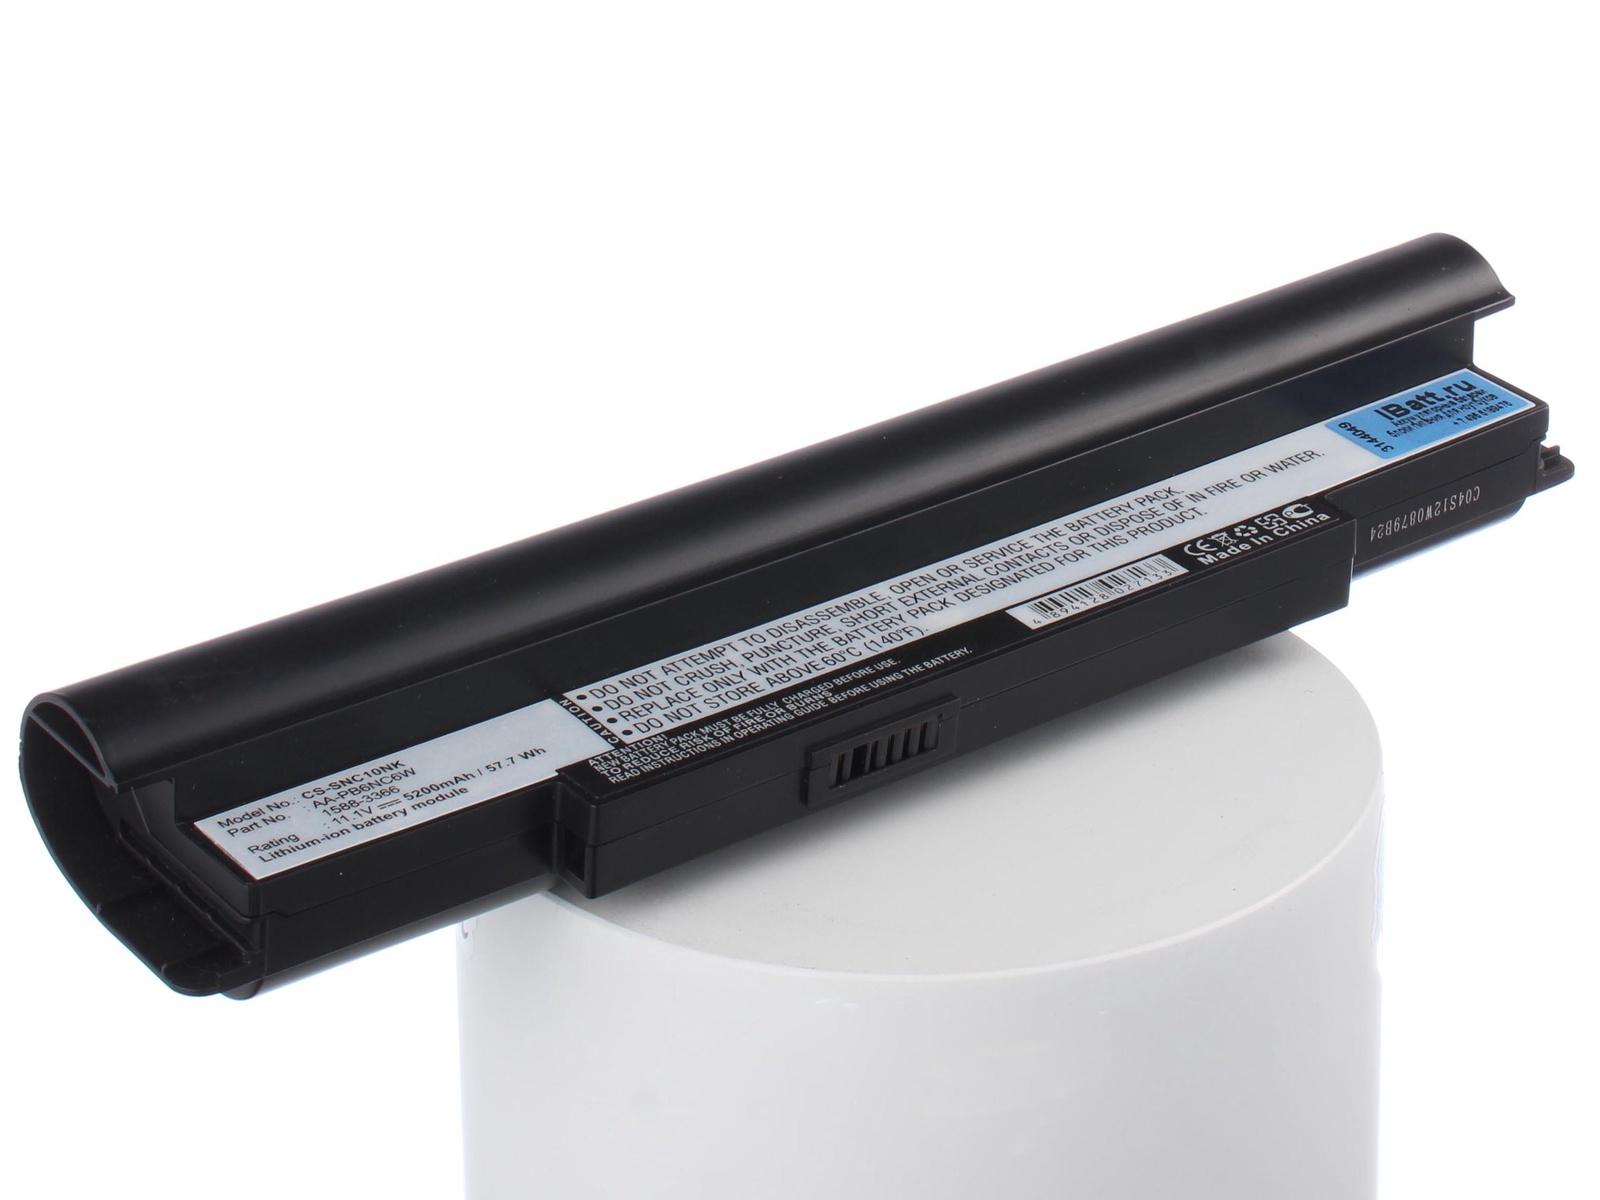 Аккумулятор для ноутбука iBatt Samsung AA-PB8NC6B, AA-PB6NC6W, AA-PL8NC6B, AA-PB8NC6M